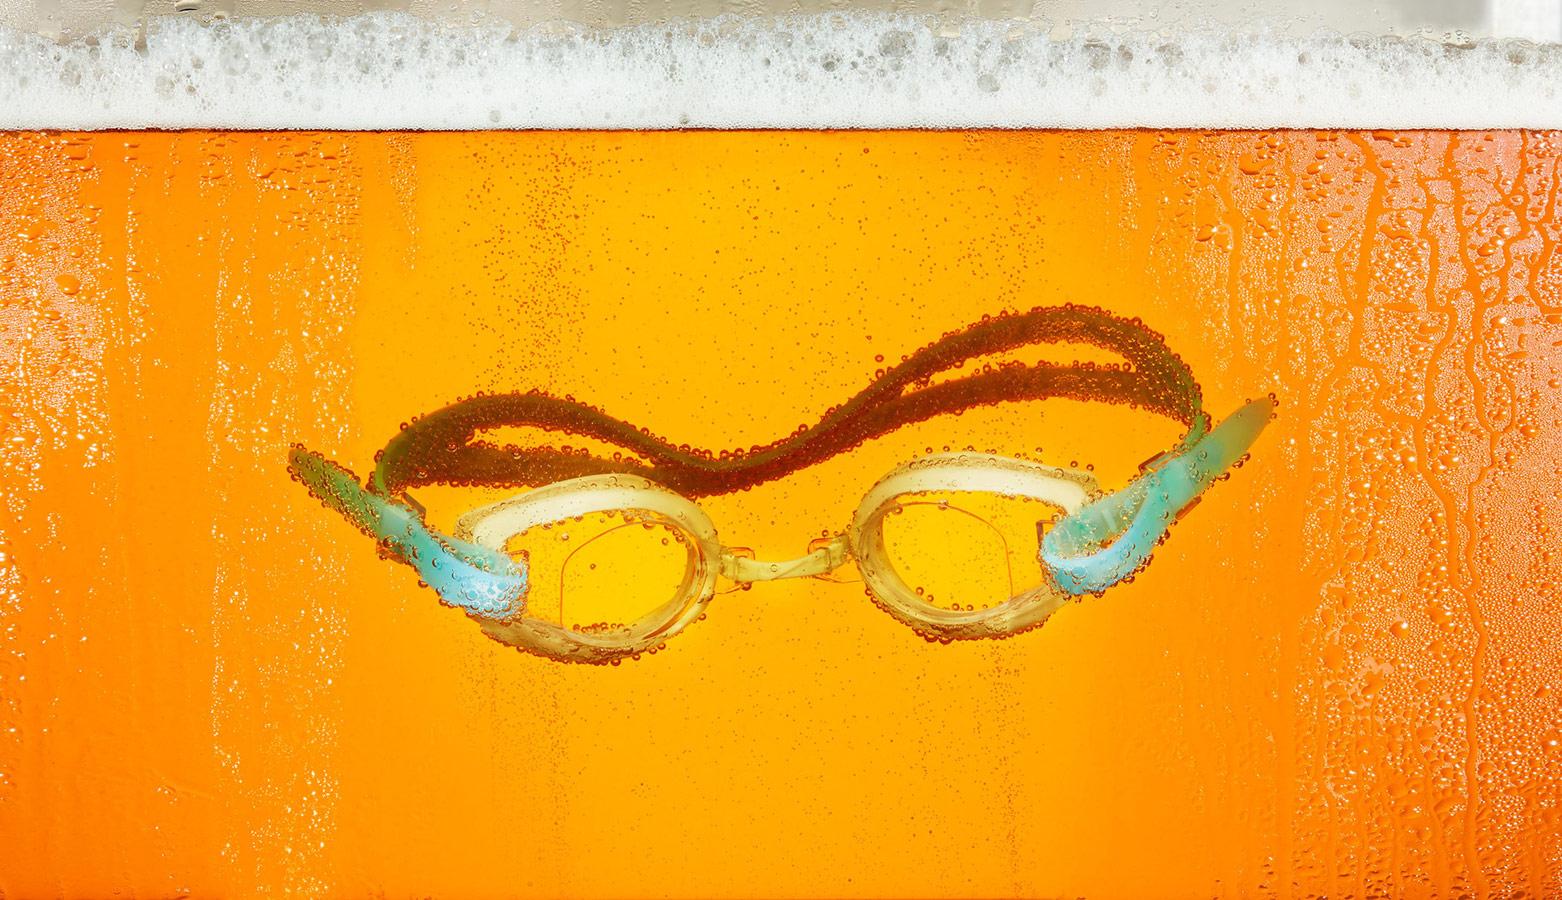 Пьяные, © Джесс Куглер, Денвер, США, Финалист категории «Фуд-фотография» : Профессионал, Конкурс фотографии «Перспективы» — Perspectives PhotoPlus Expo